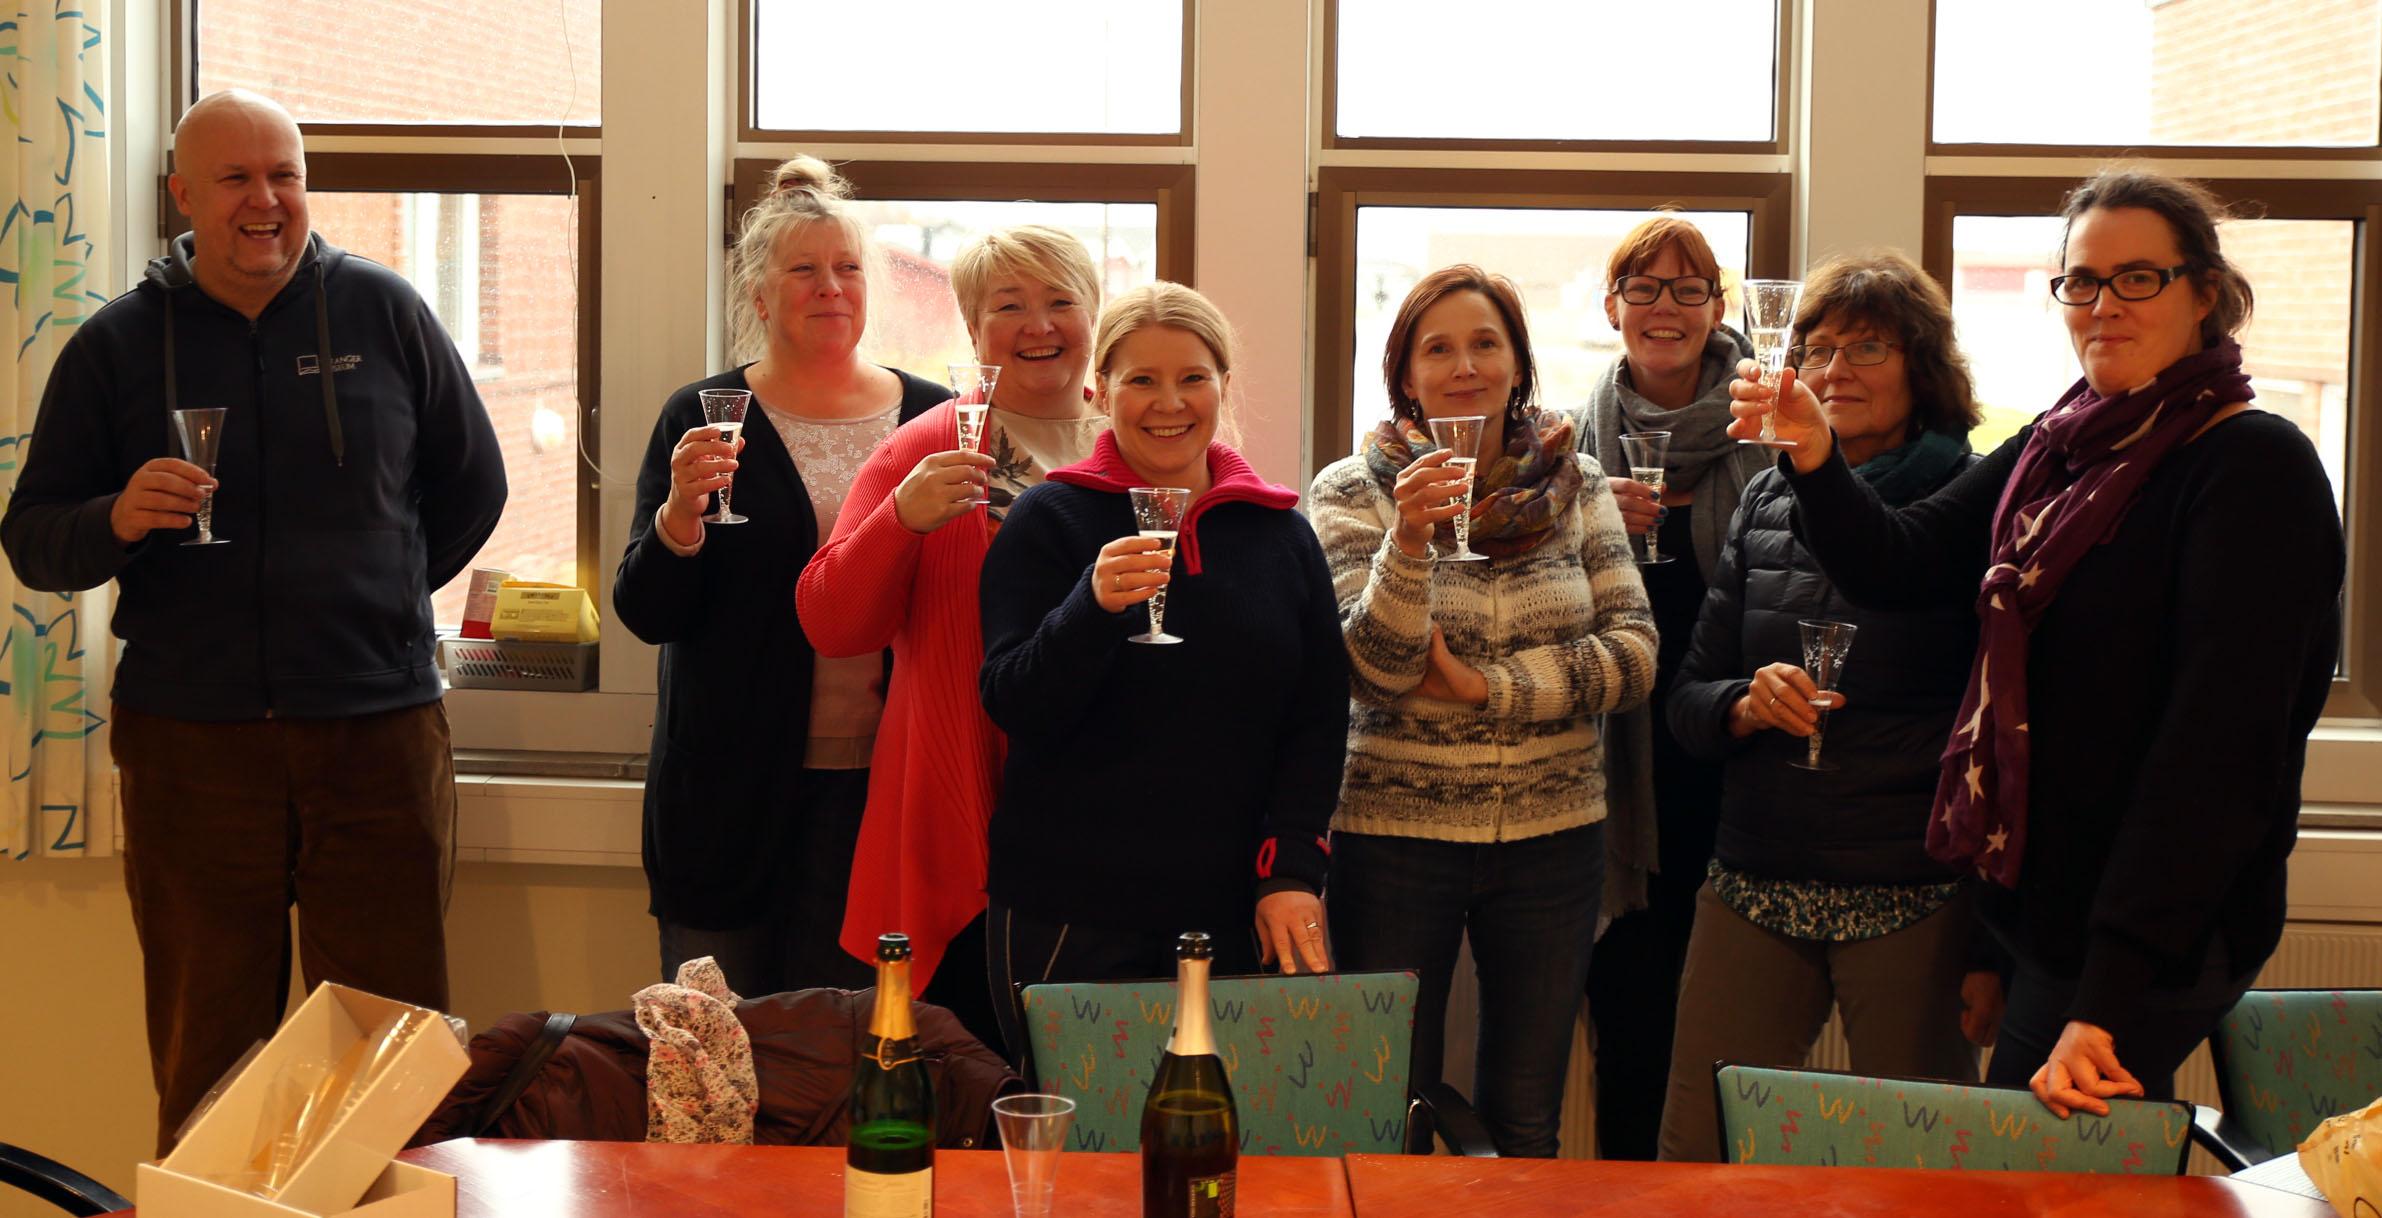 Feiret med champagne